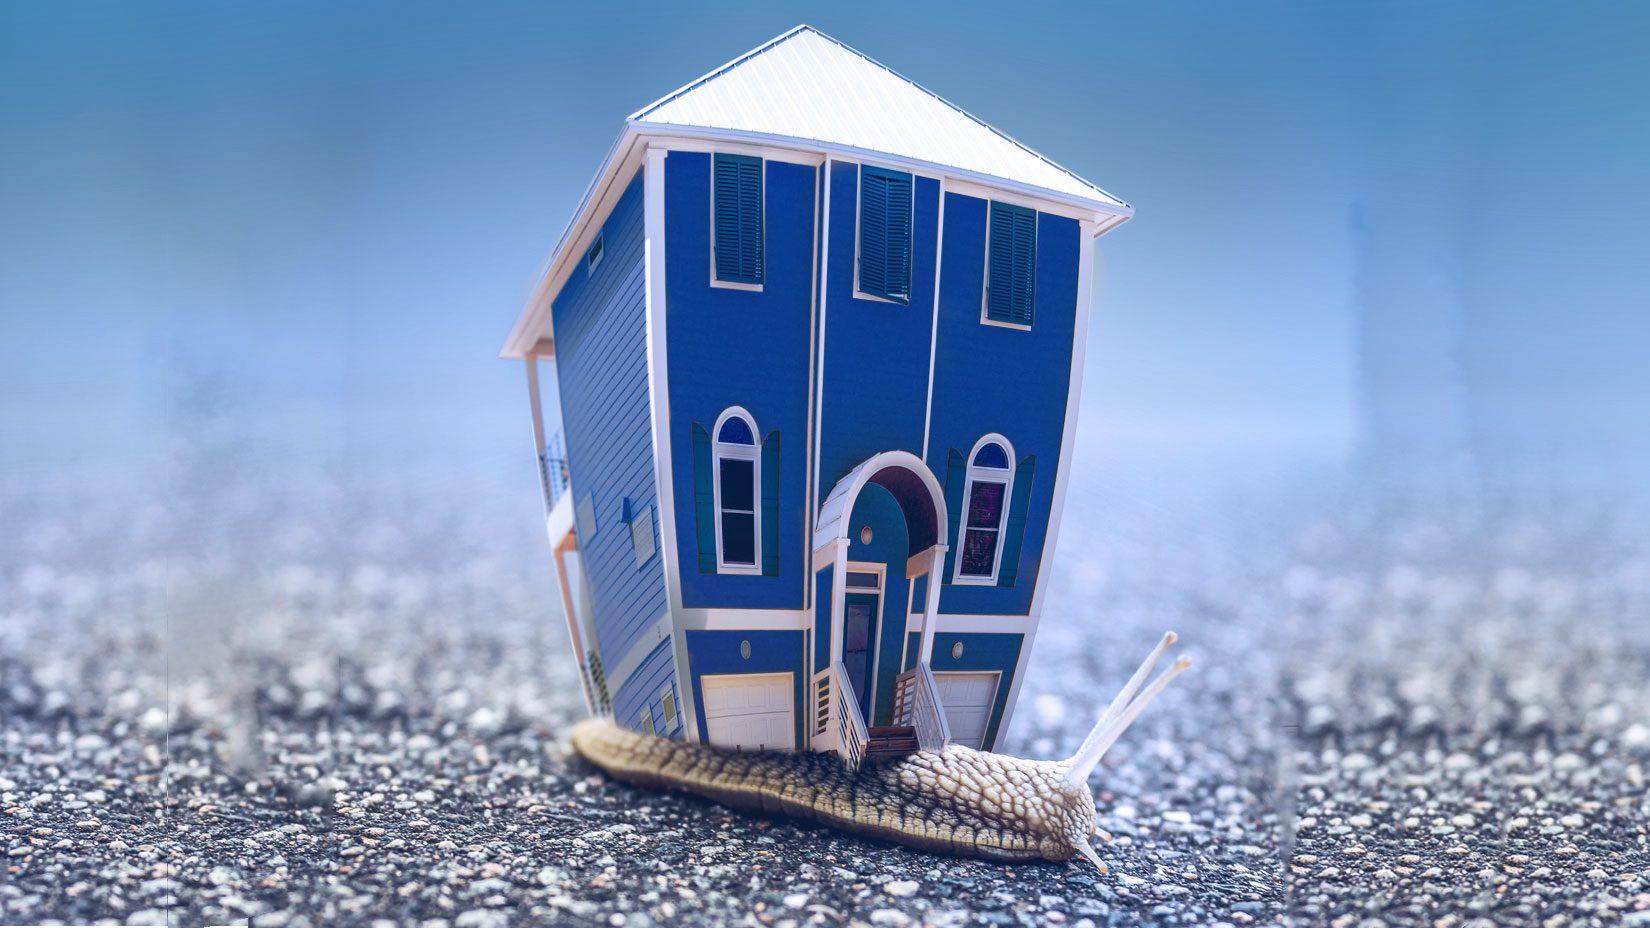 #StatistischGesehen Der Traum vom Immobilienkauf